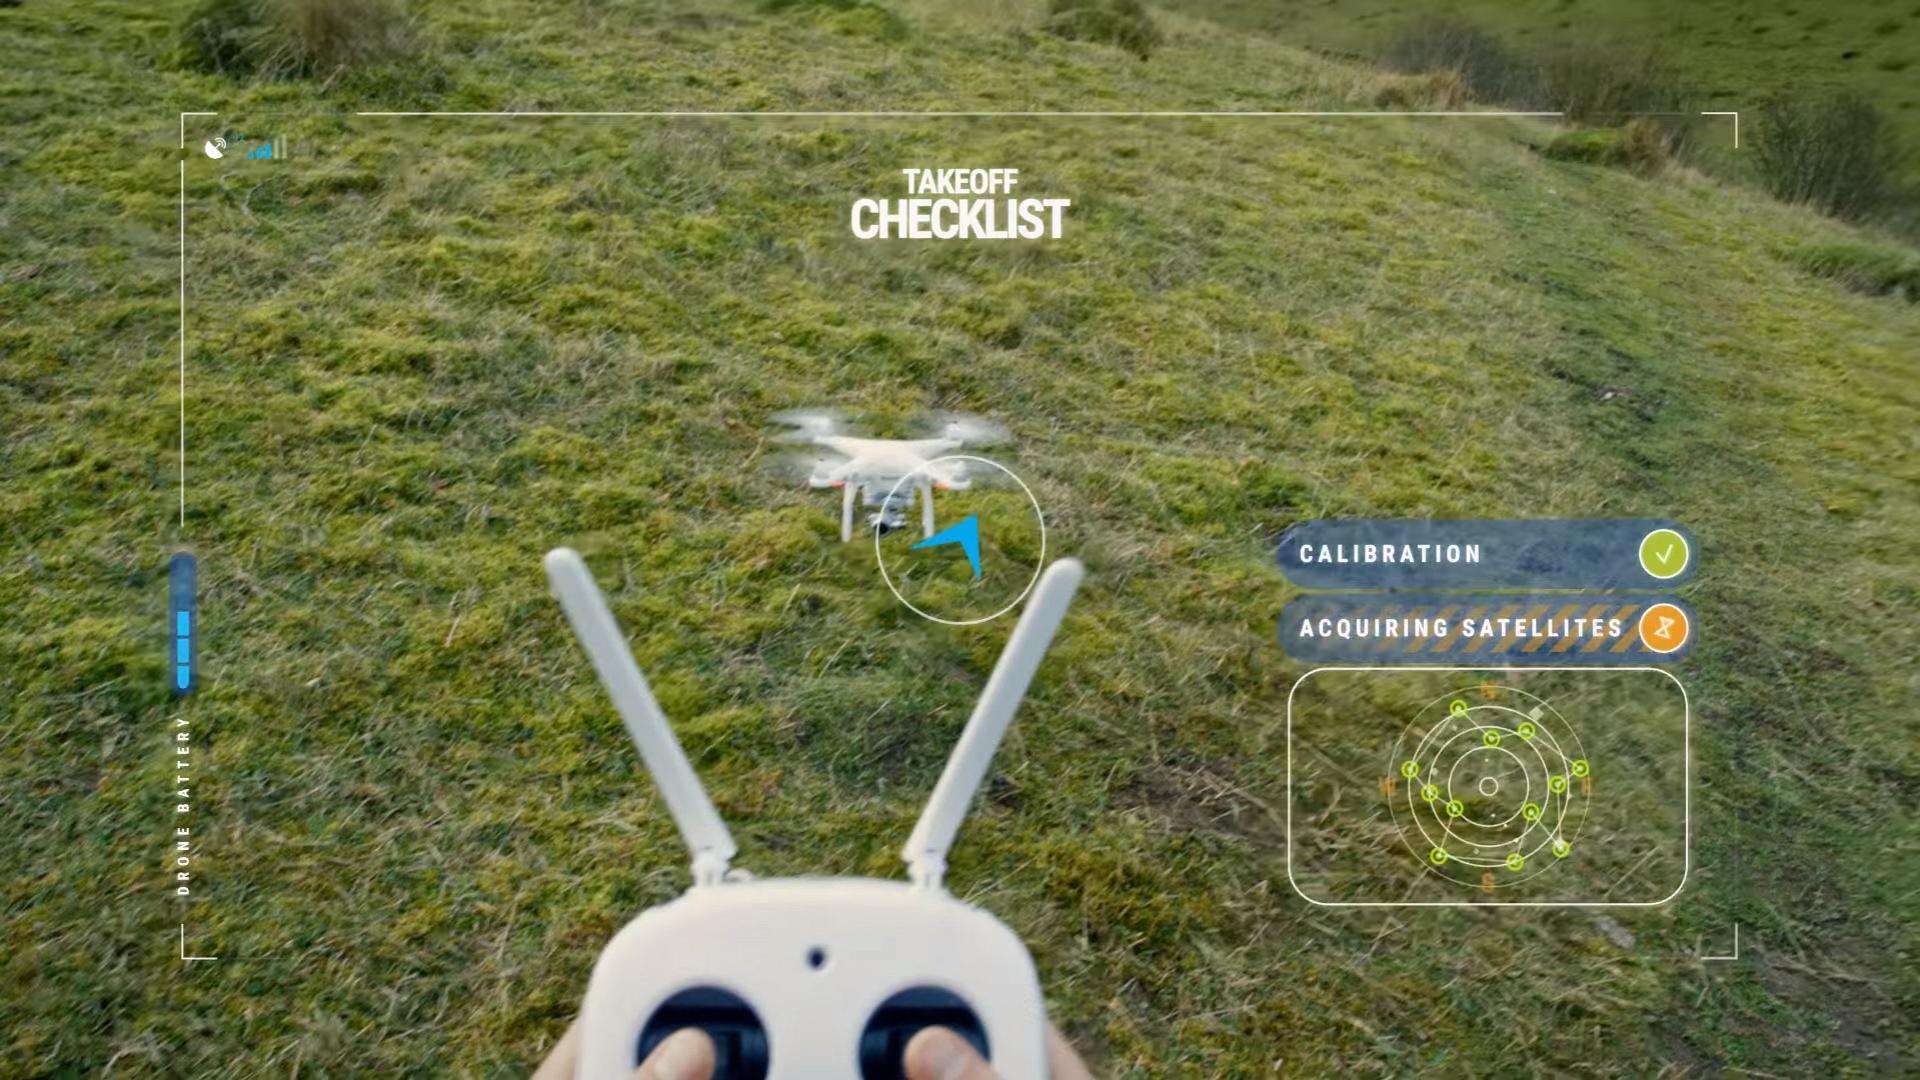 epson-moverio-bt-300-drone